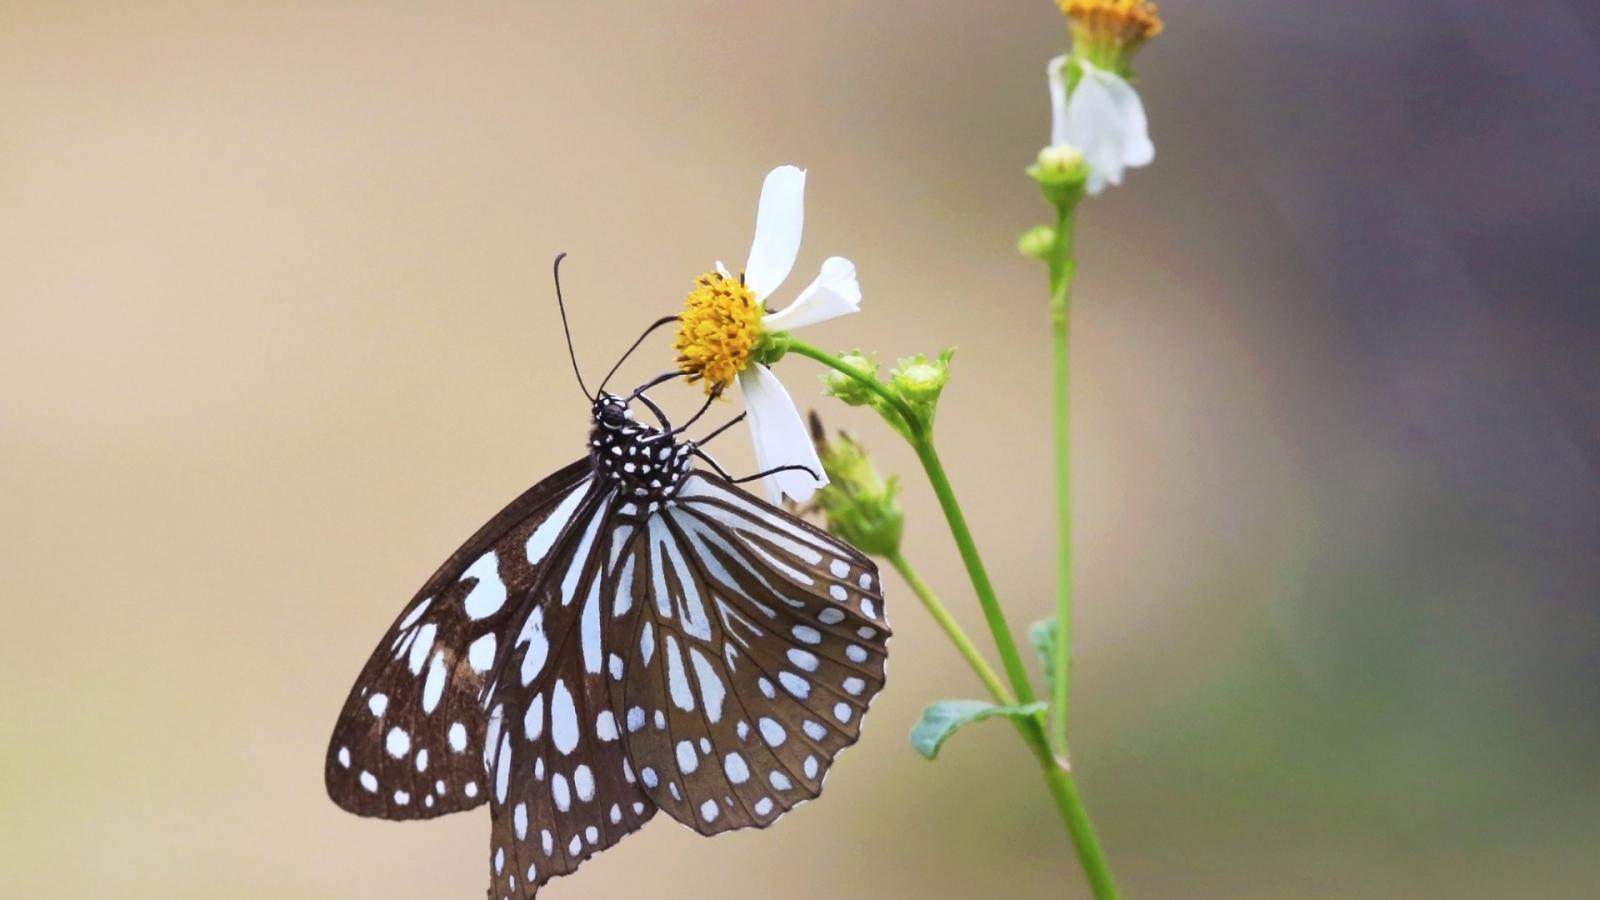 Mariposa y una flor - 1600x900